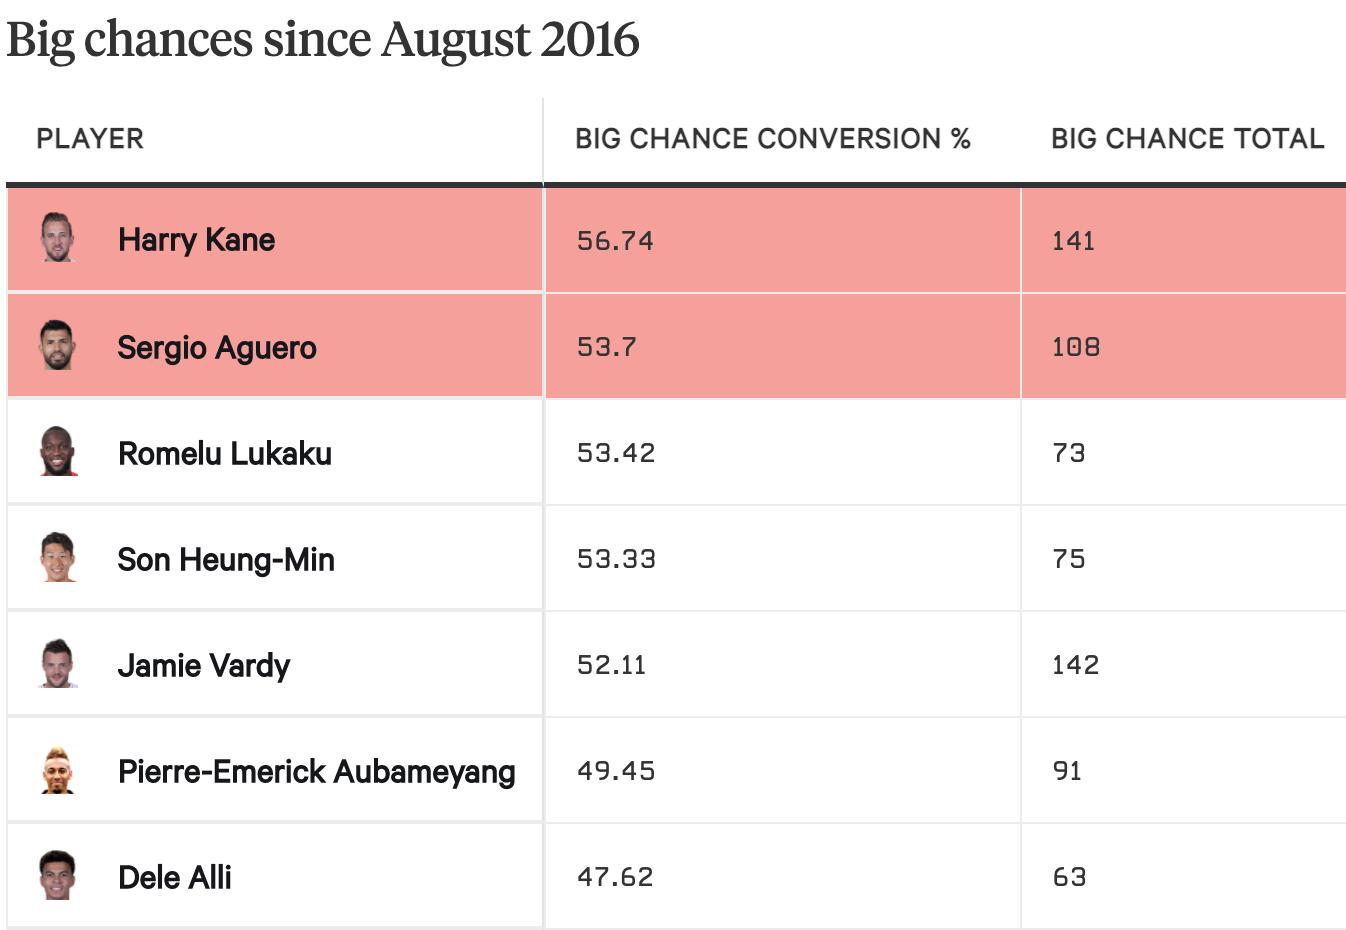 Trong Top 7 cầu thủ chuyển hoá cơ hội rõ rệt thành bàn tốt nhất tại Premier League tính từ năm 2016 tới nay, không có ai đang khoác áo Man City